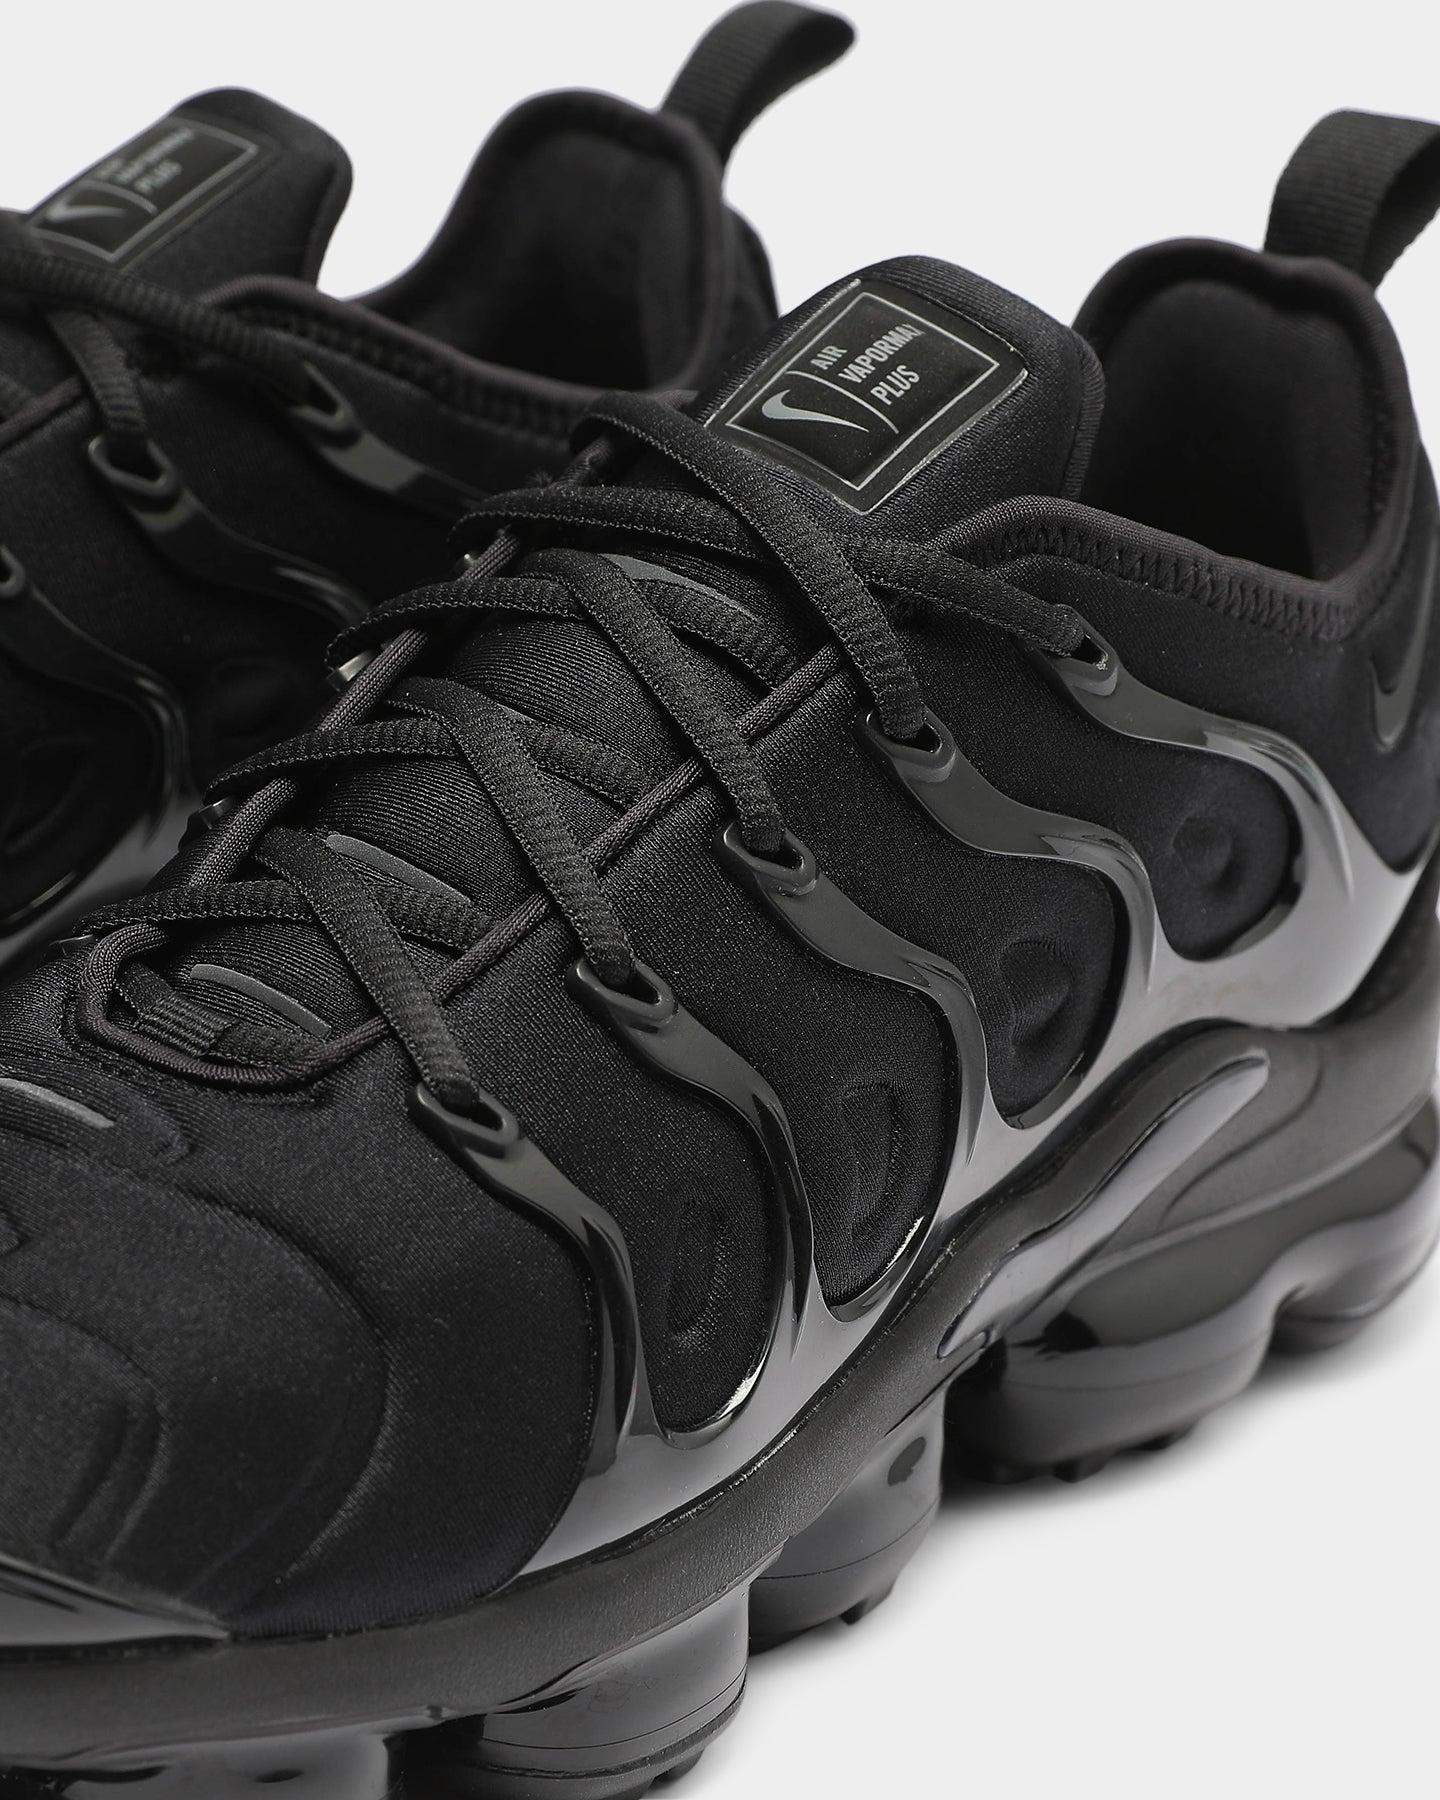 black on black nike vapormax